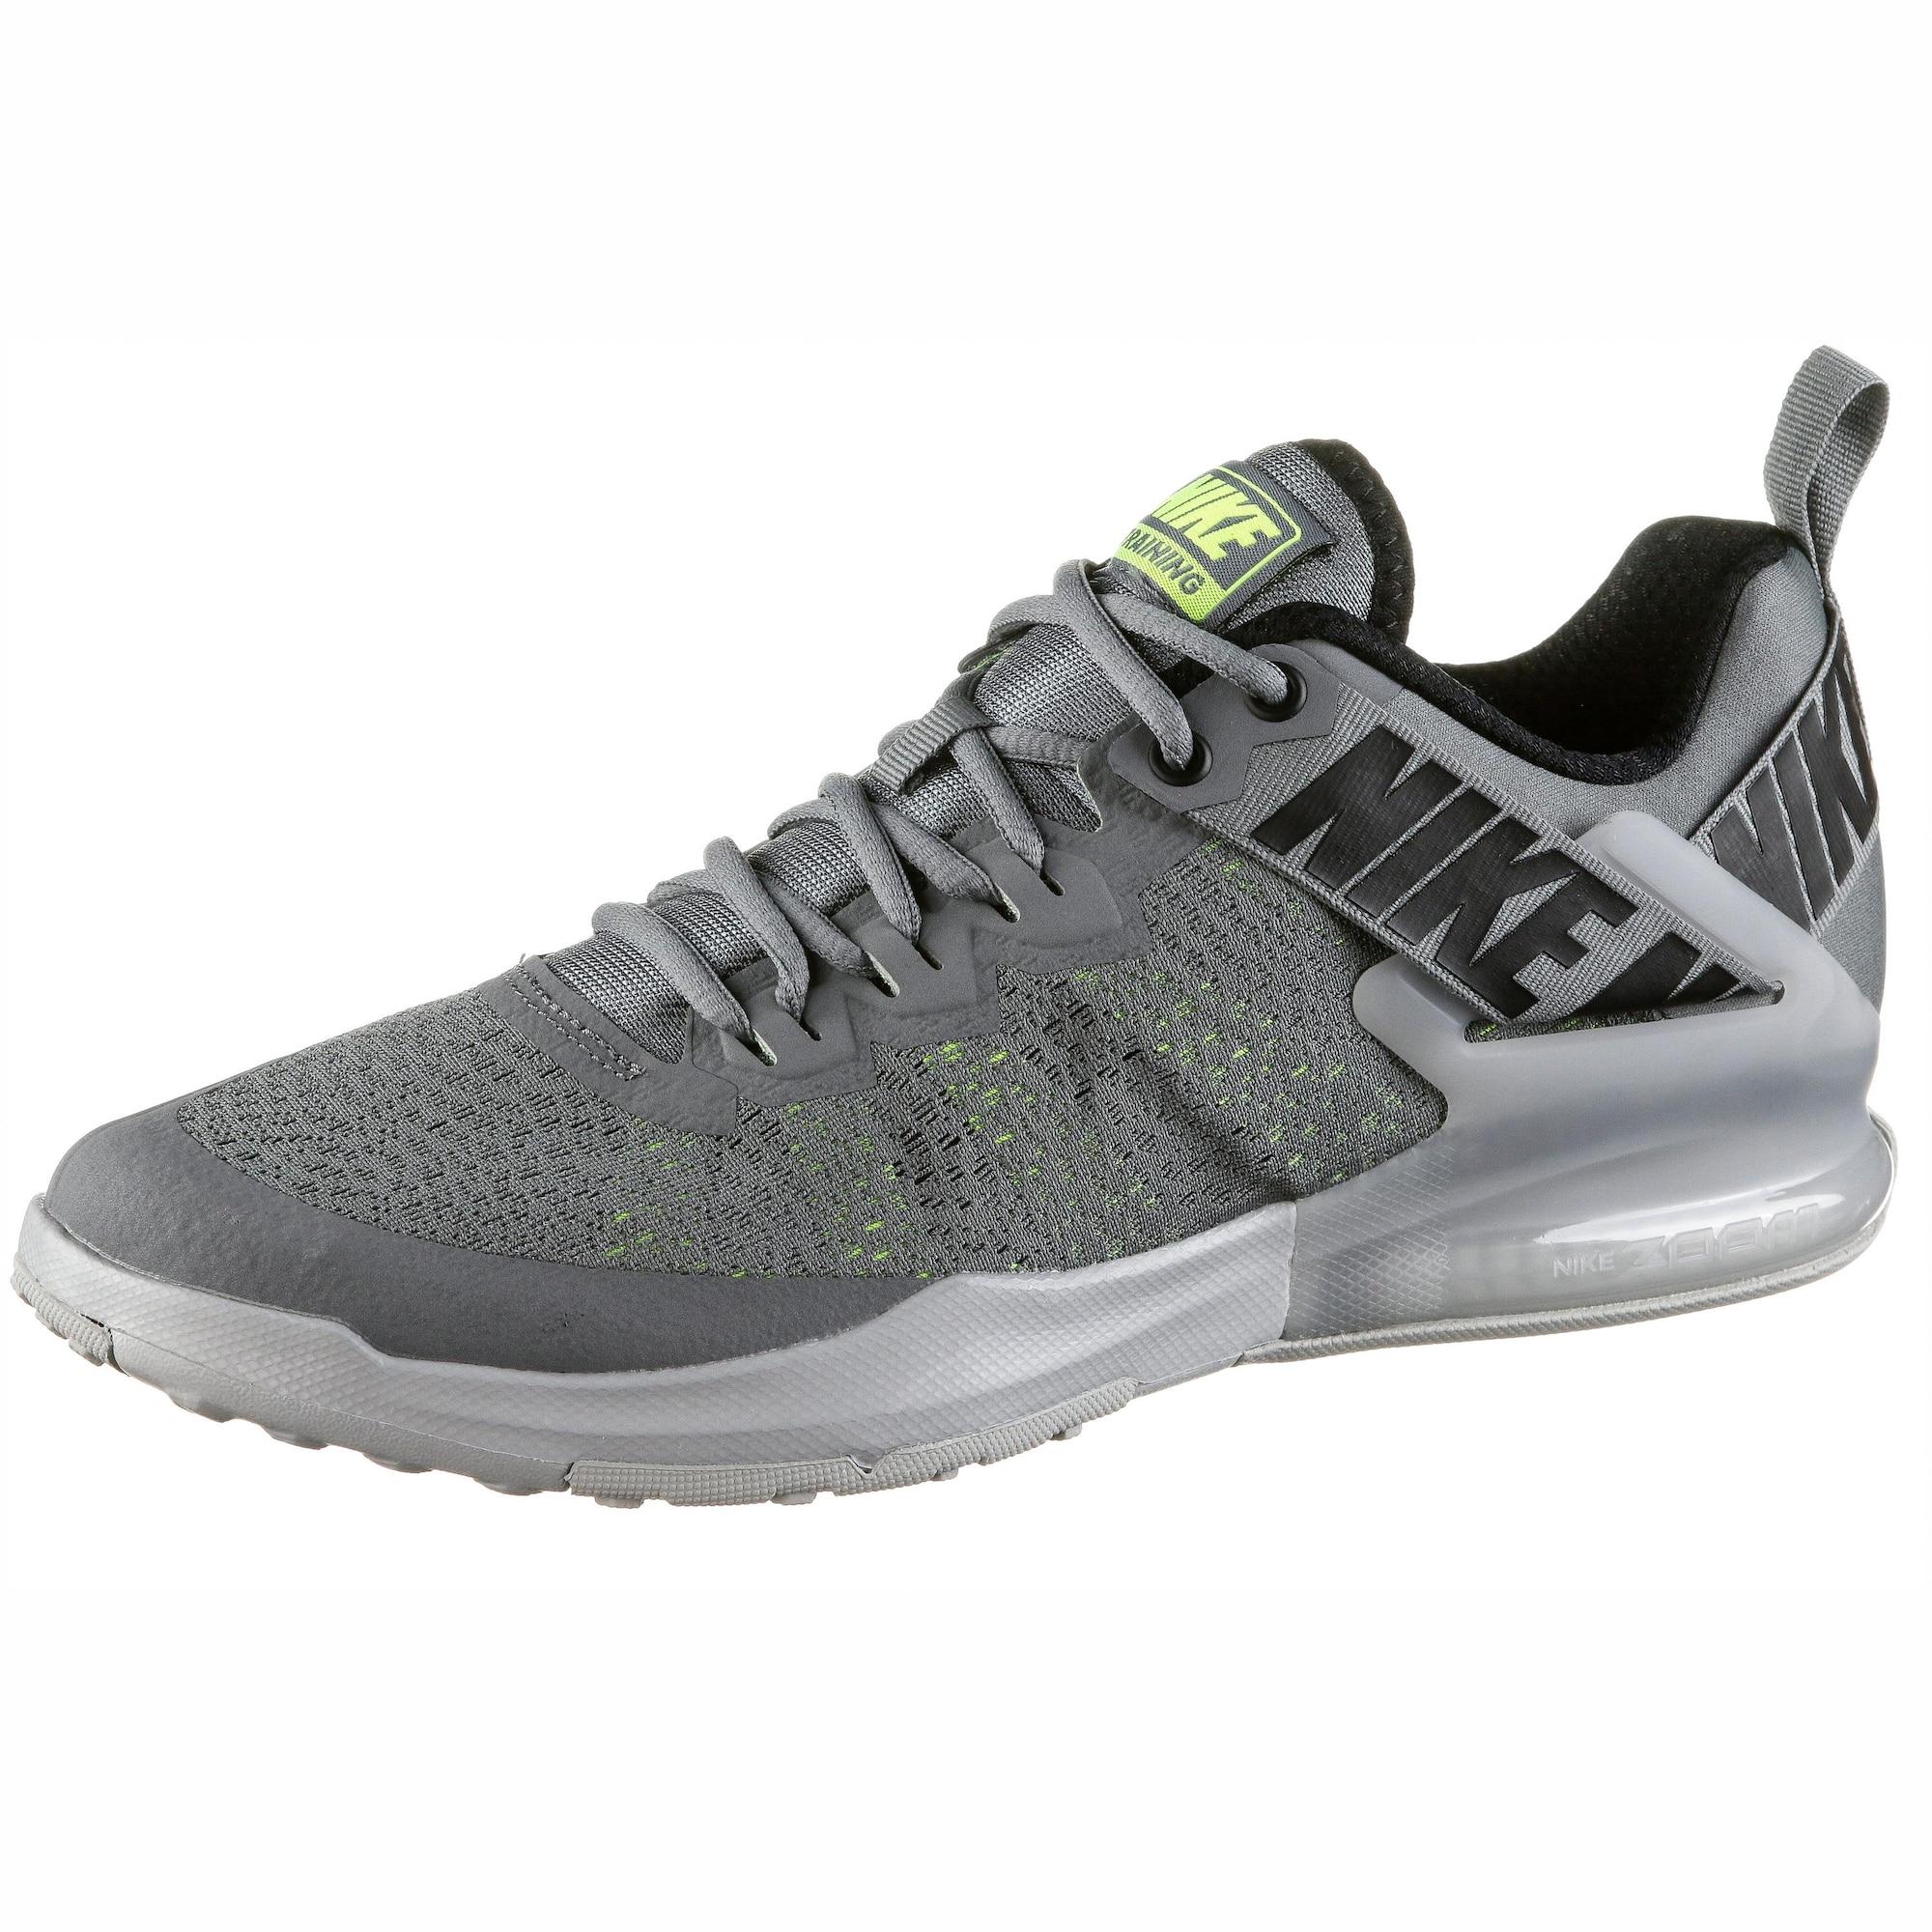 Sportovní boty Zoom Domination TR 2 šedá kiwi černá NIKE